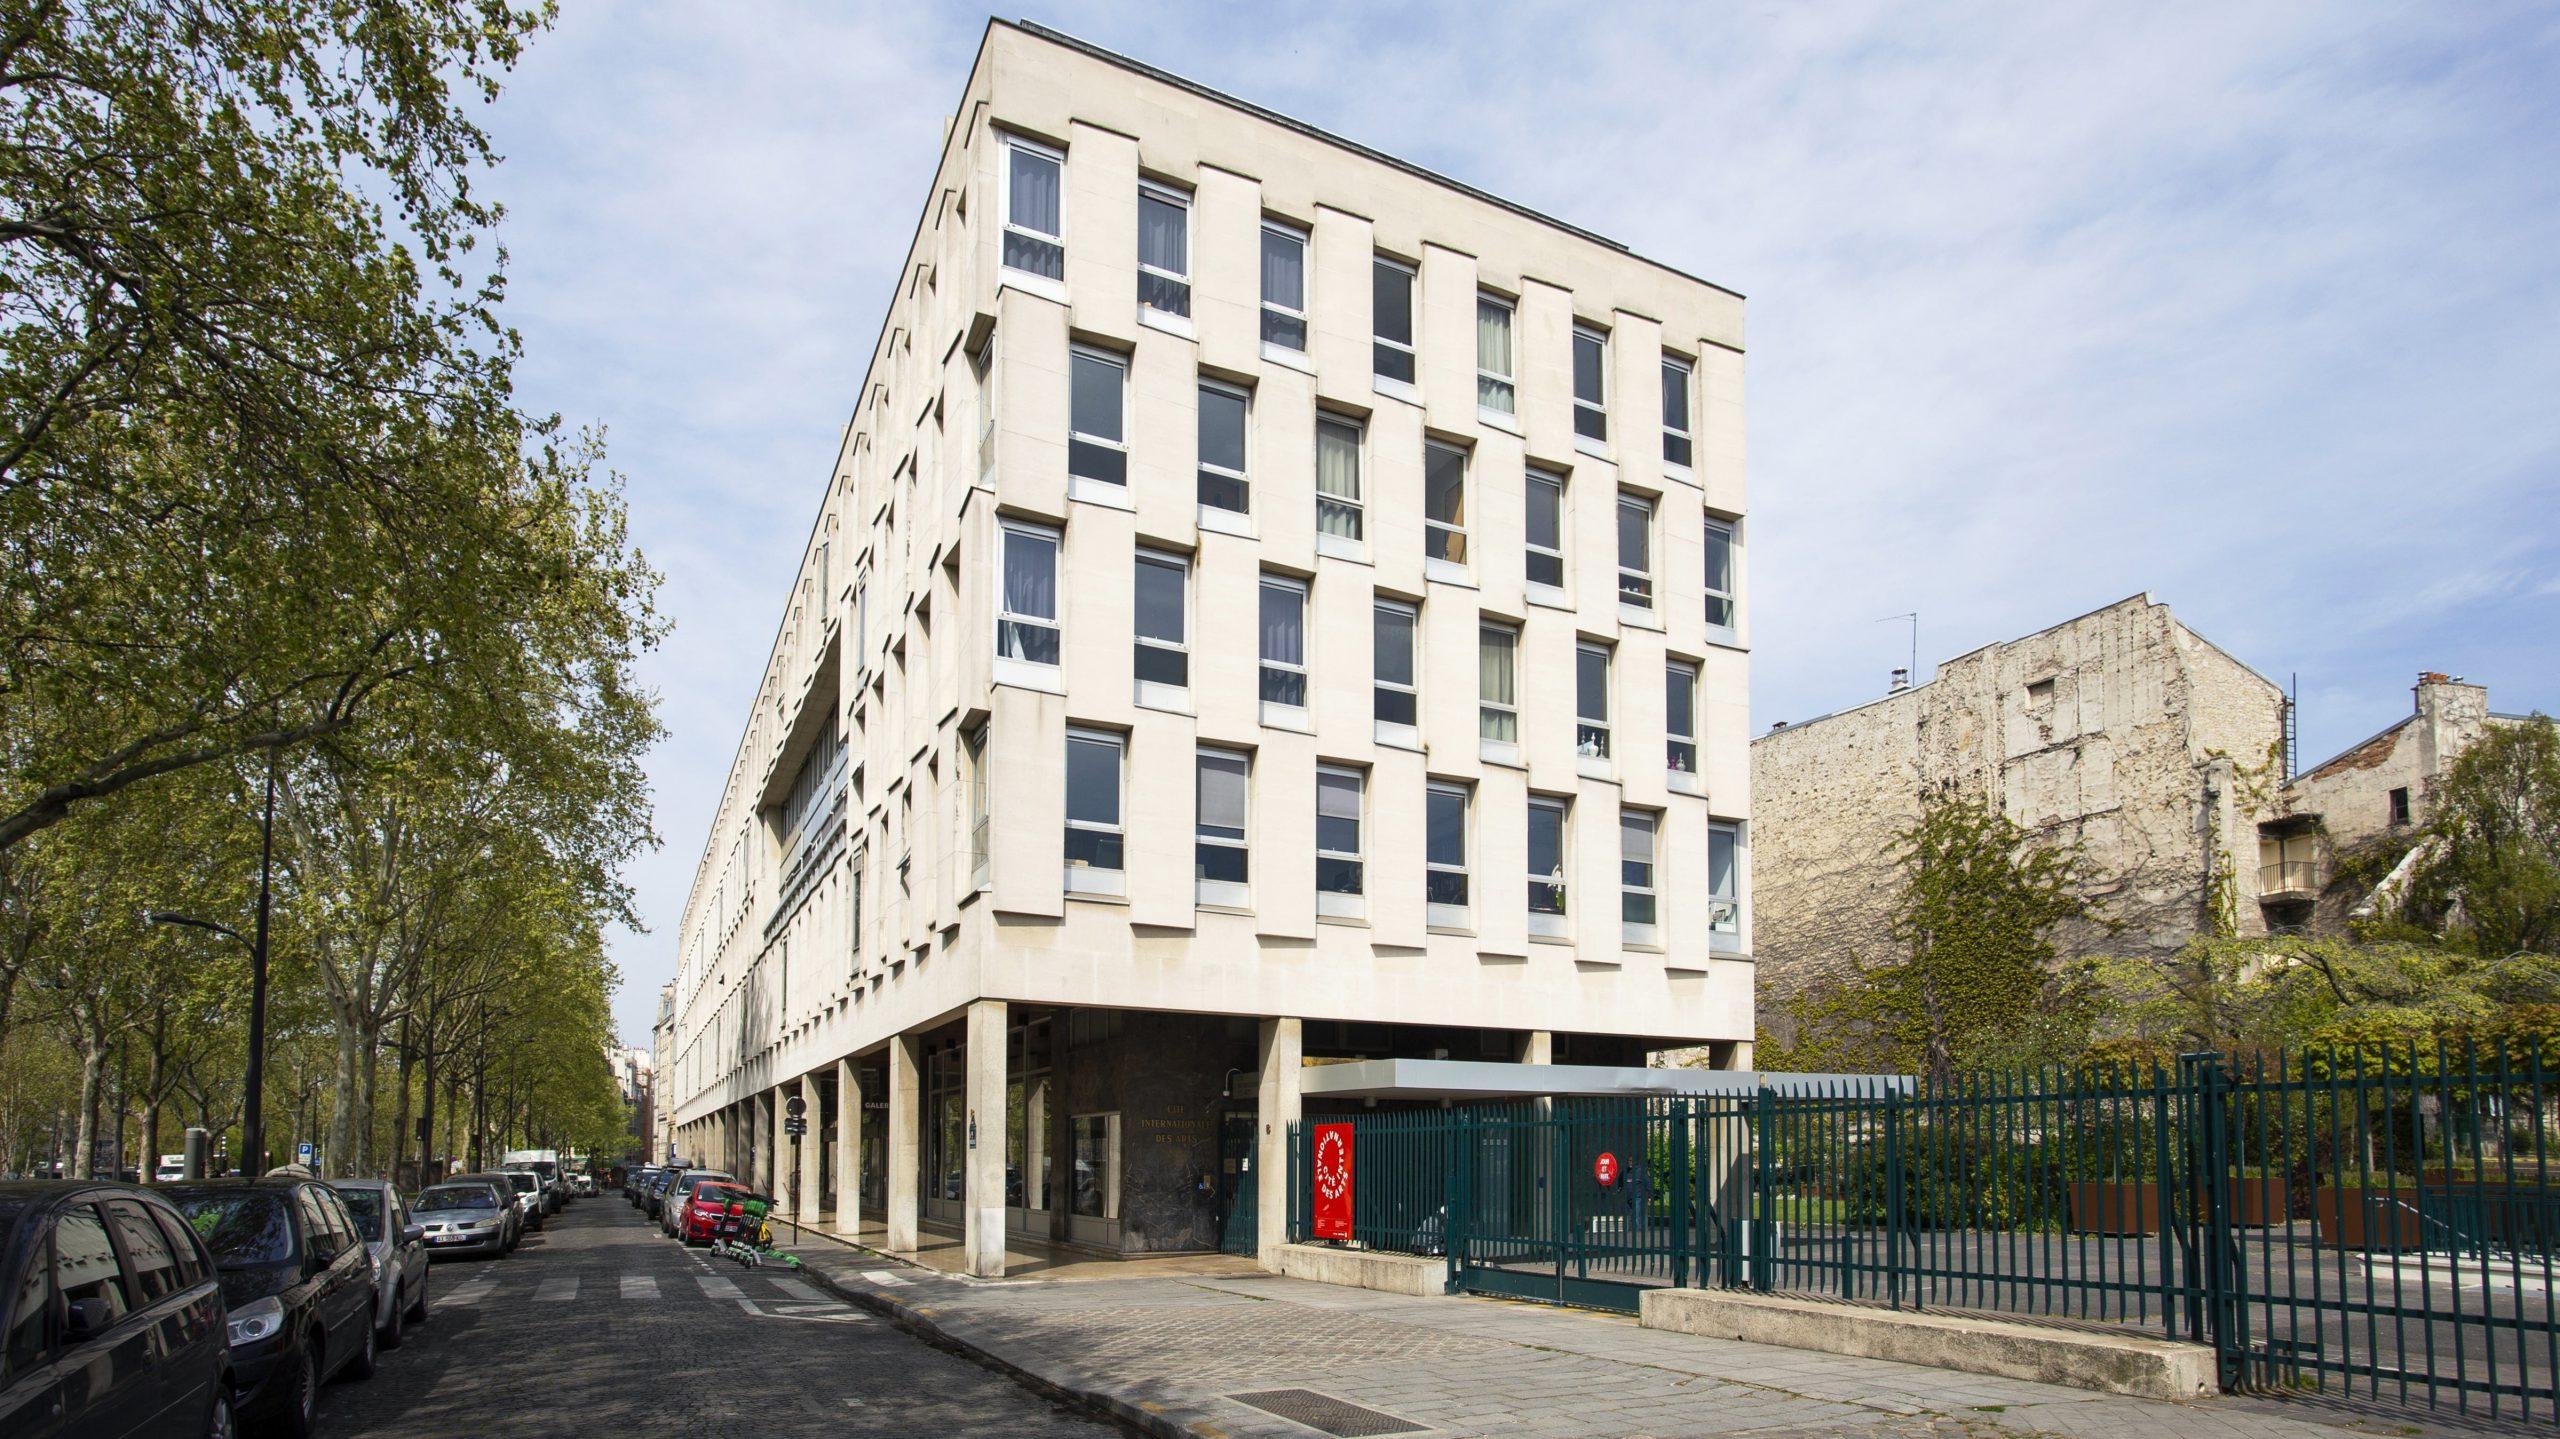 Candidatez pour une résidence artistique à Paris : la Cité internationale des arts